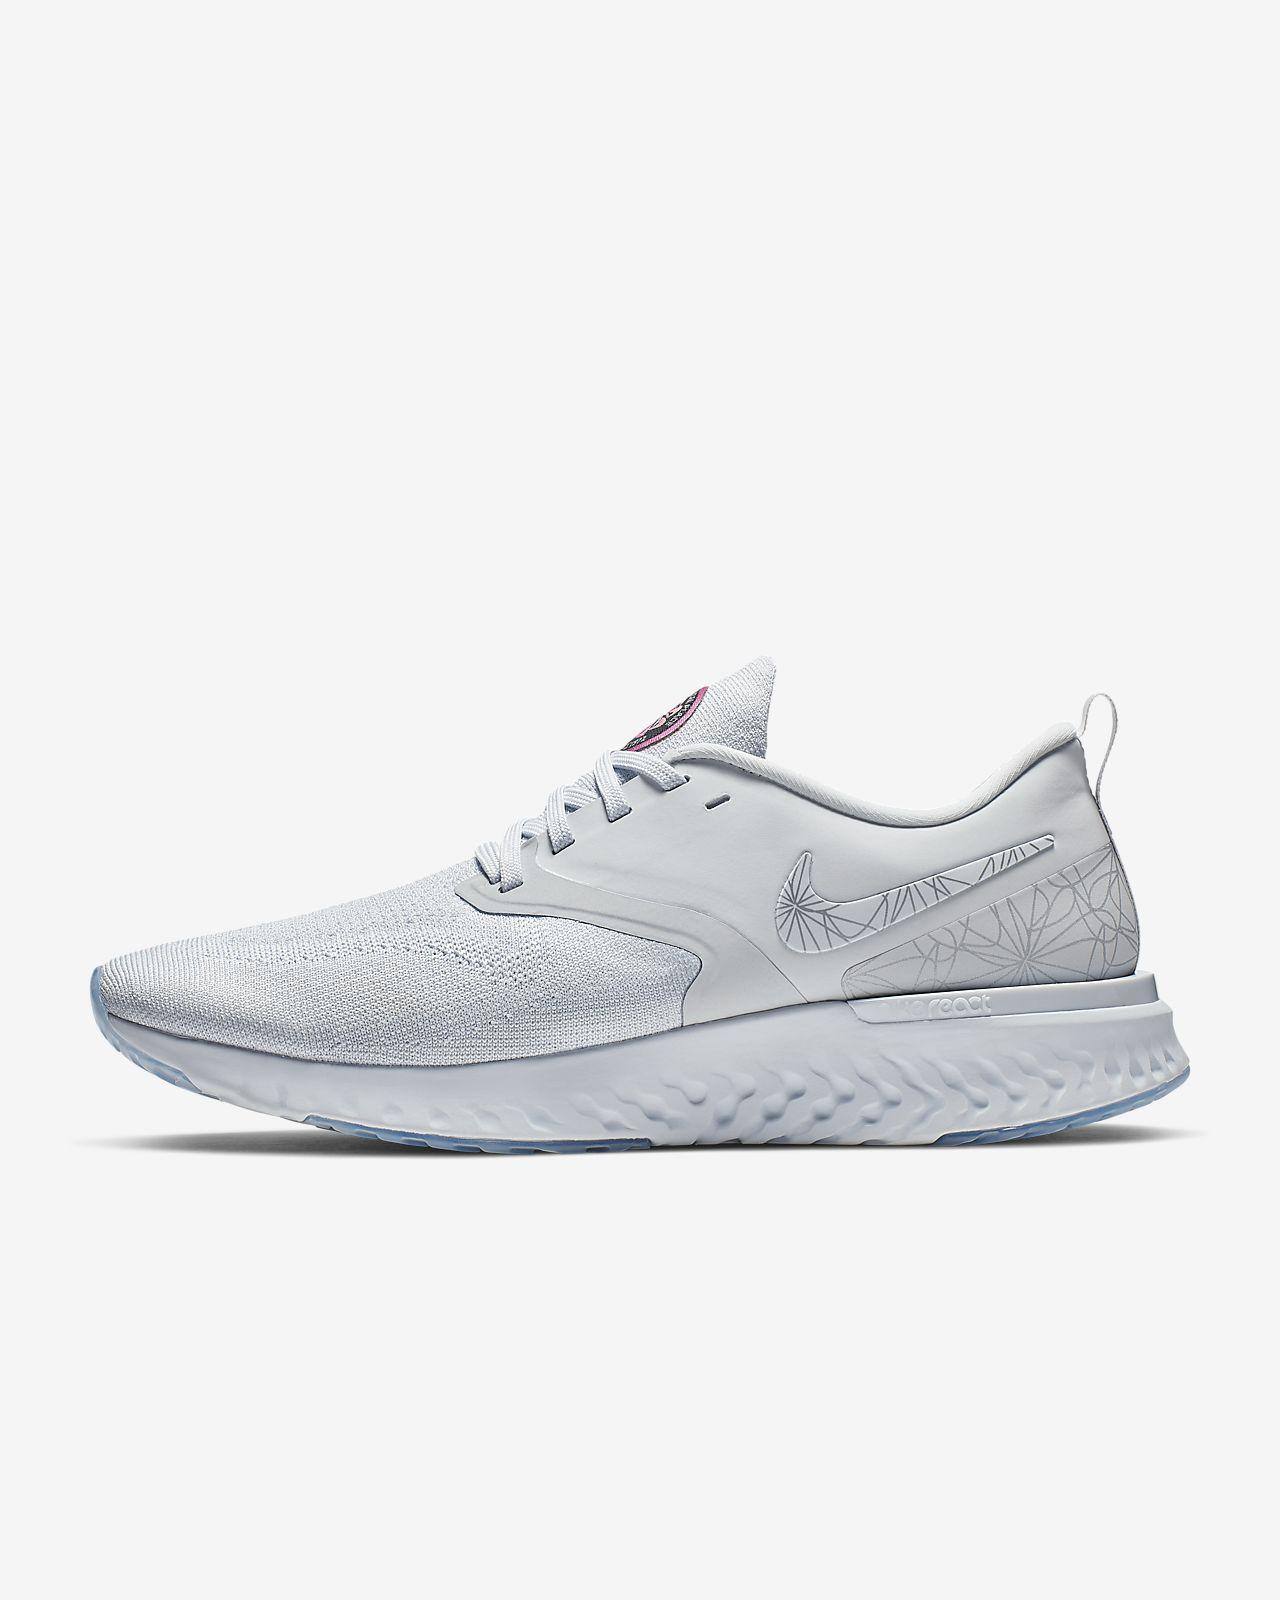 Męskie buty do biegania z grafiką Nike Odyssey React Flyknit 2